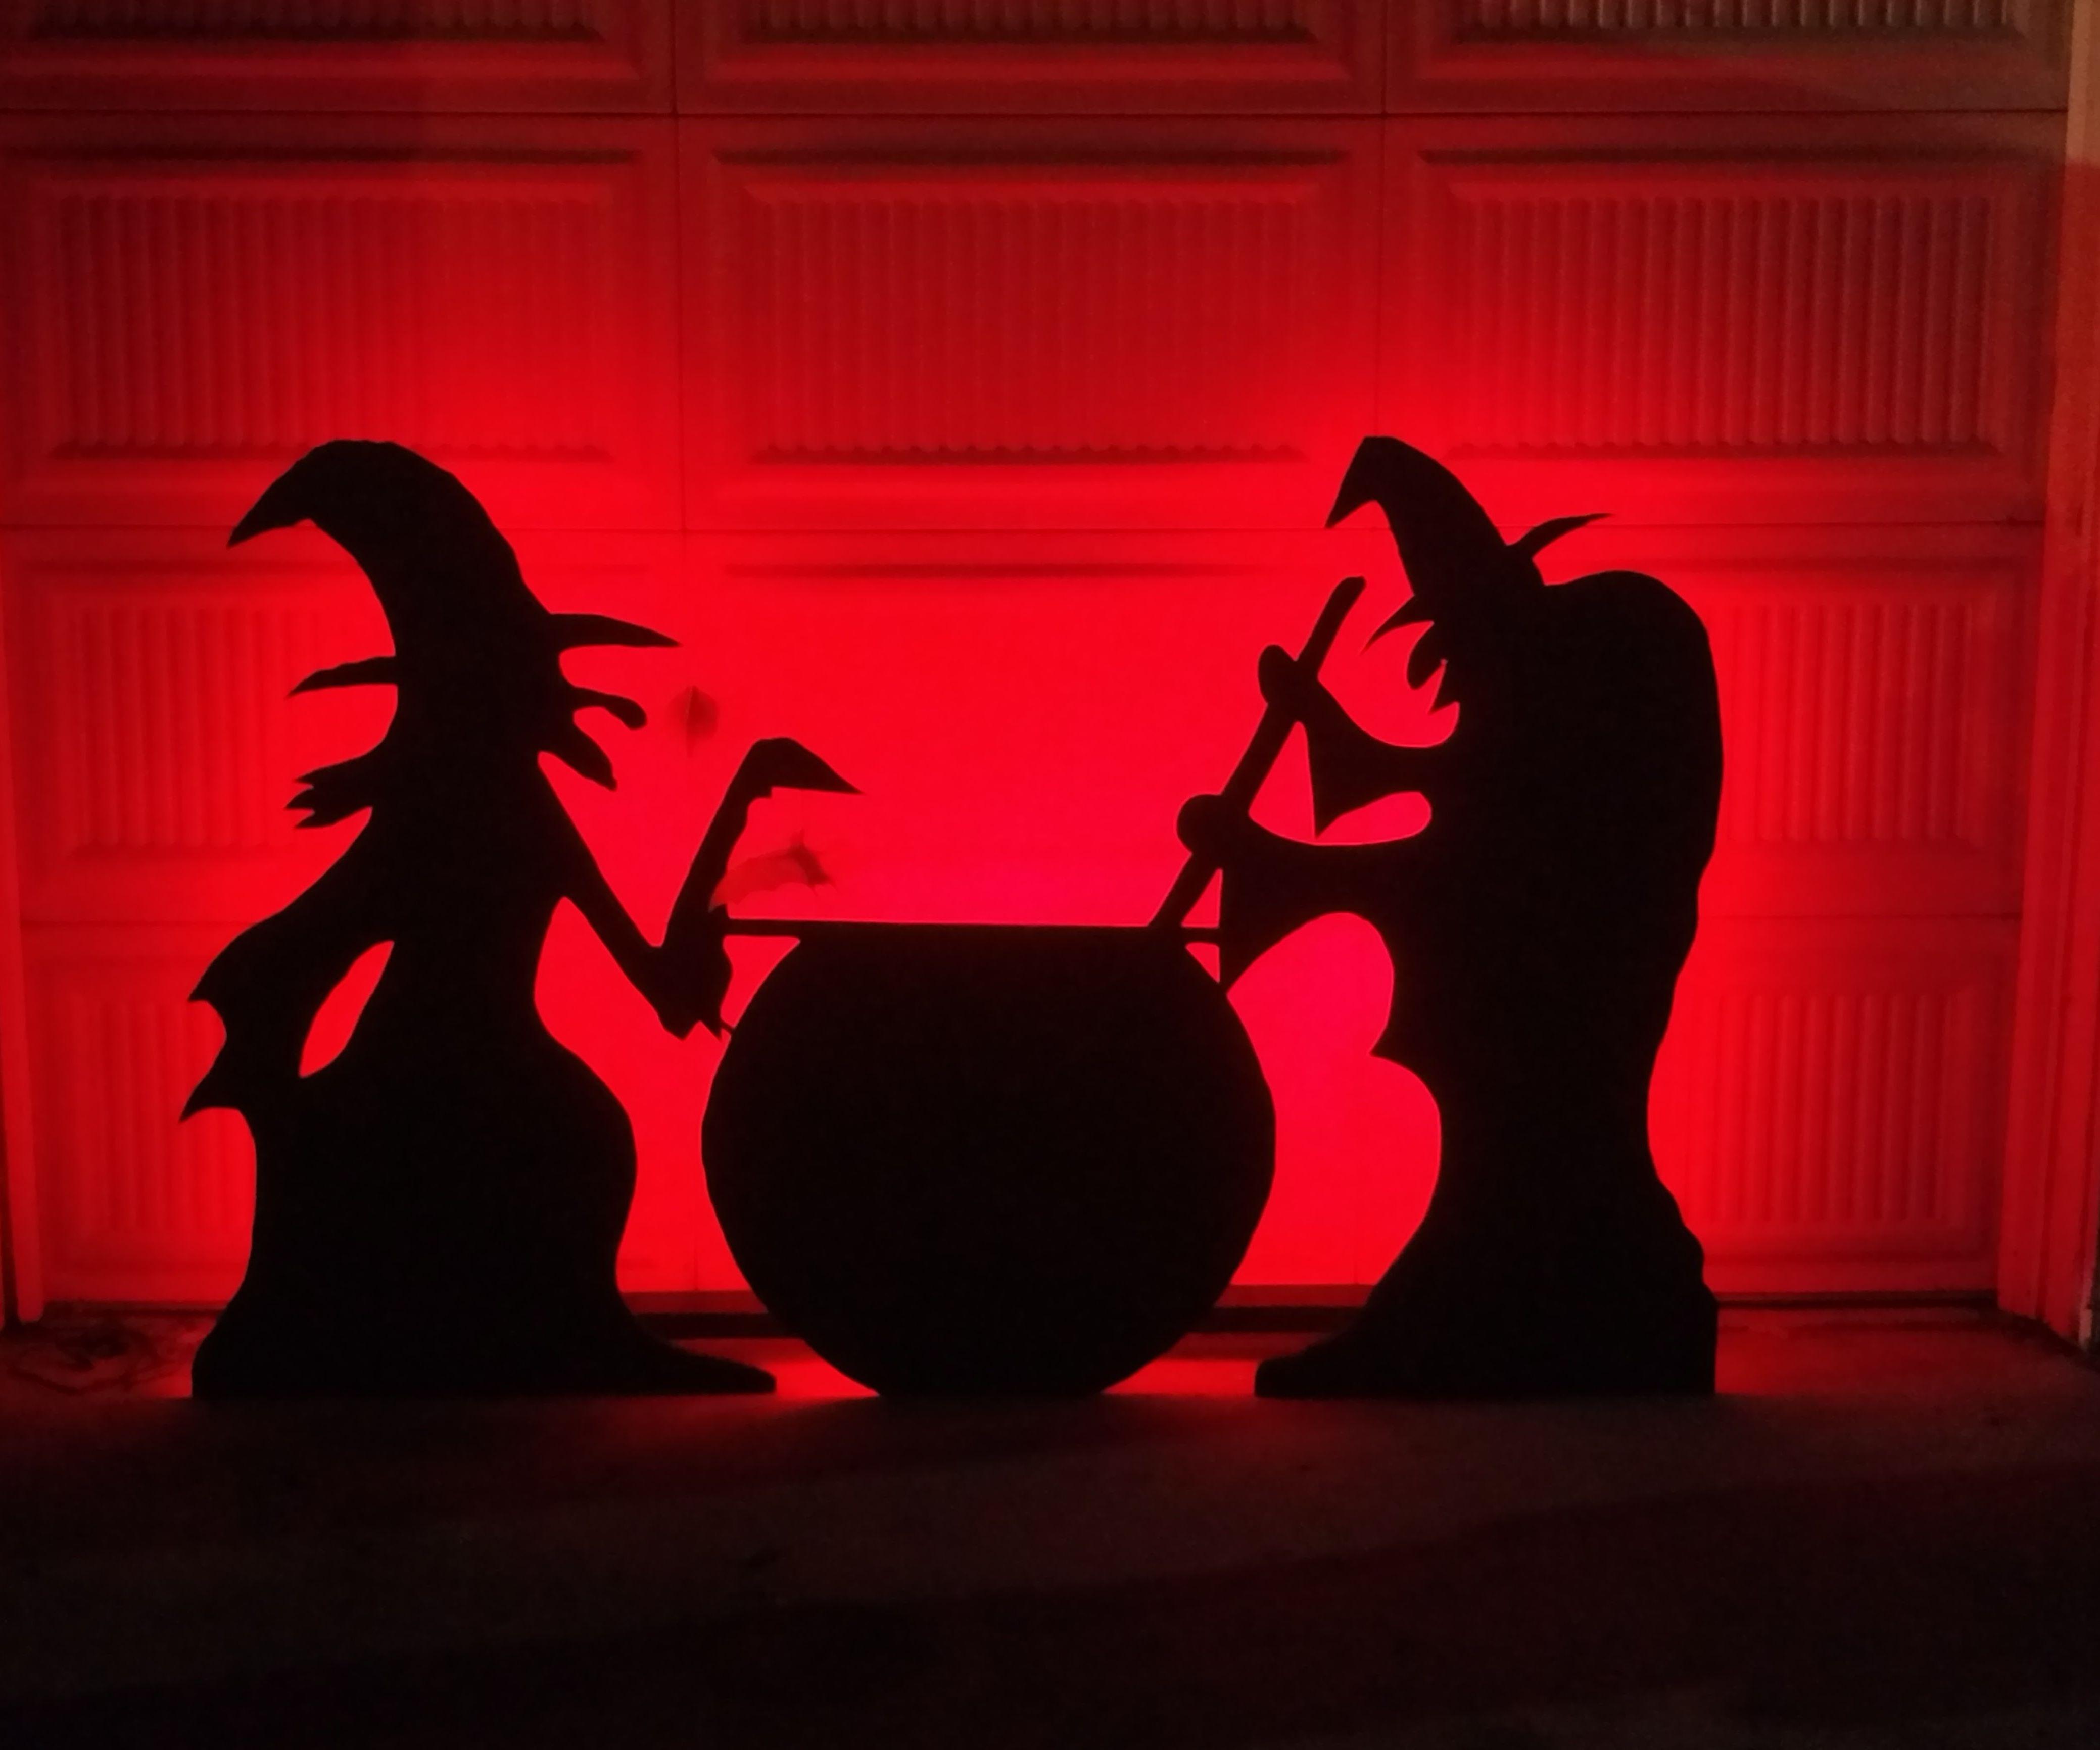 Another Halloween Garage Door Silhouette